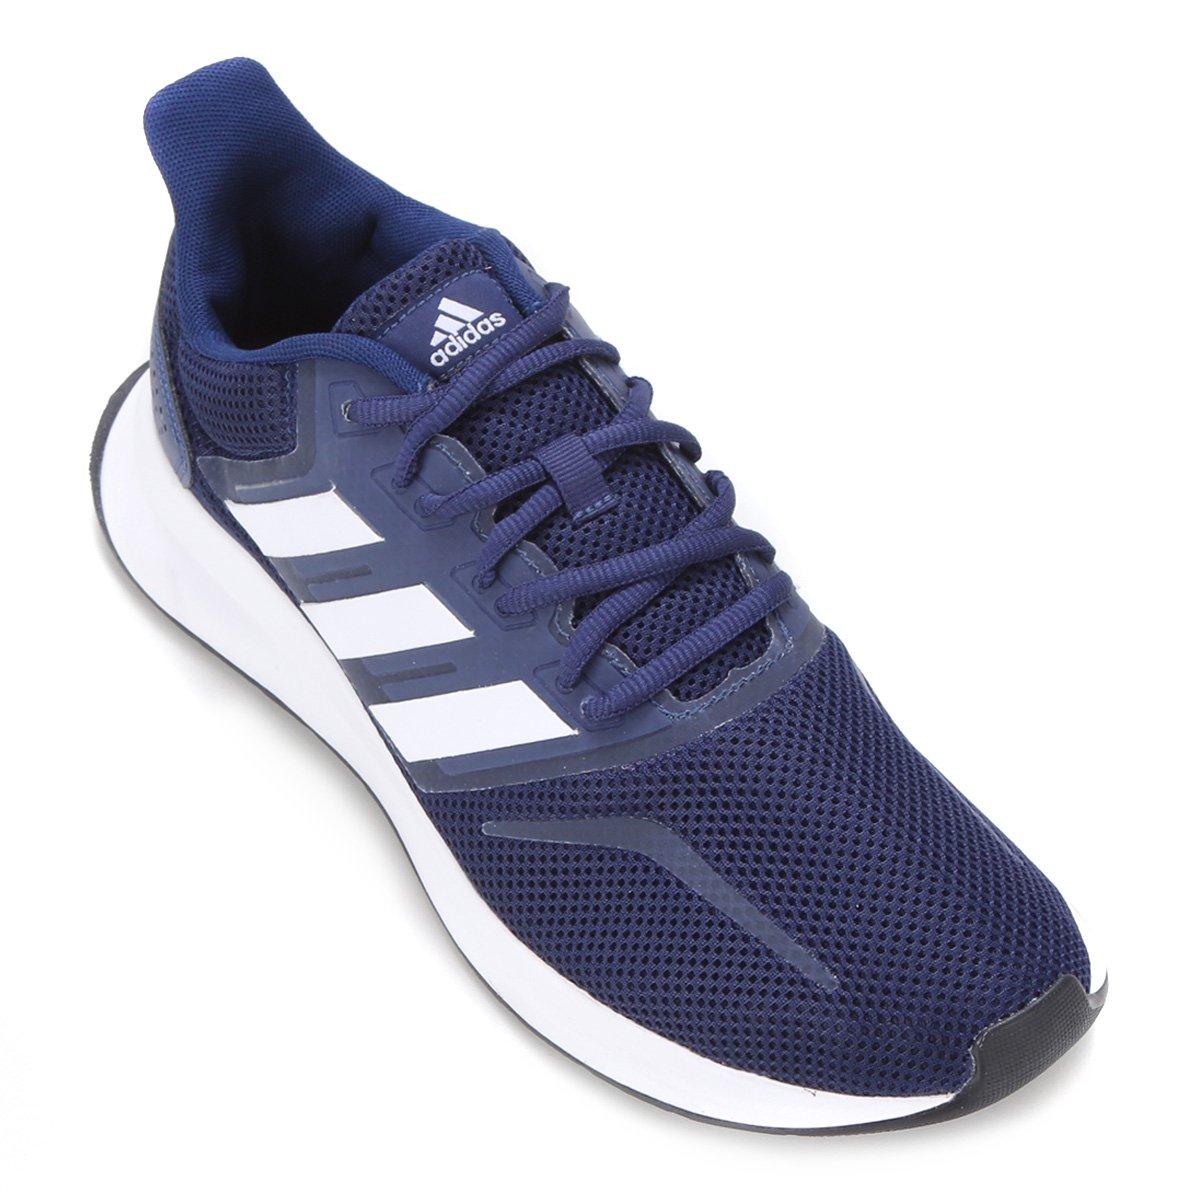 Tênis Adidas Falcon Masculino - Azul e Preto